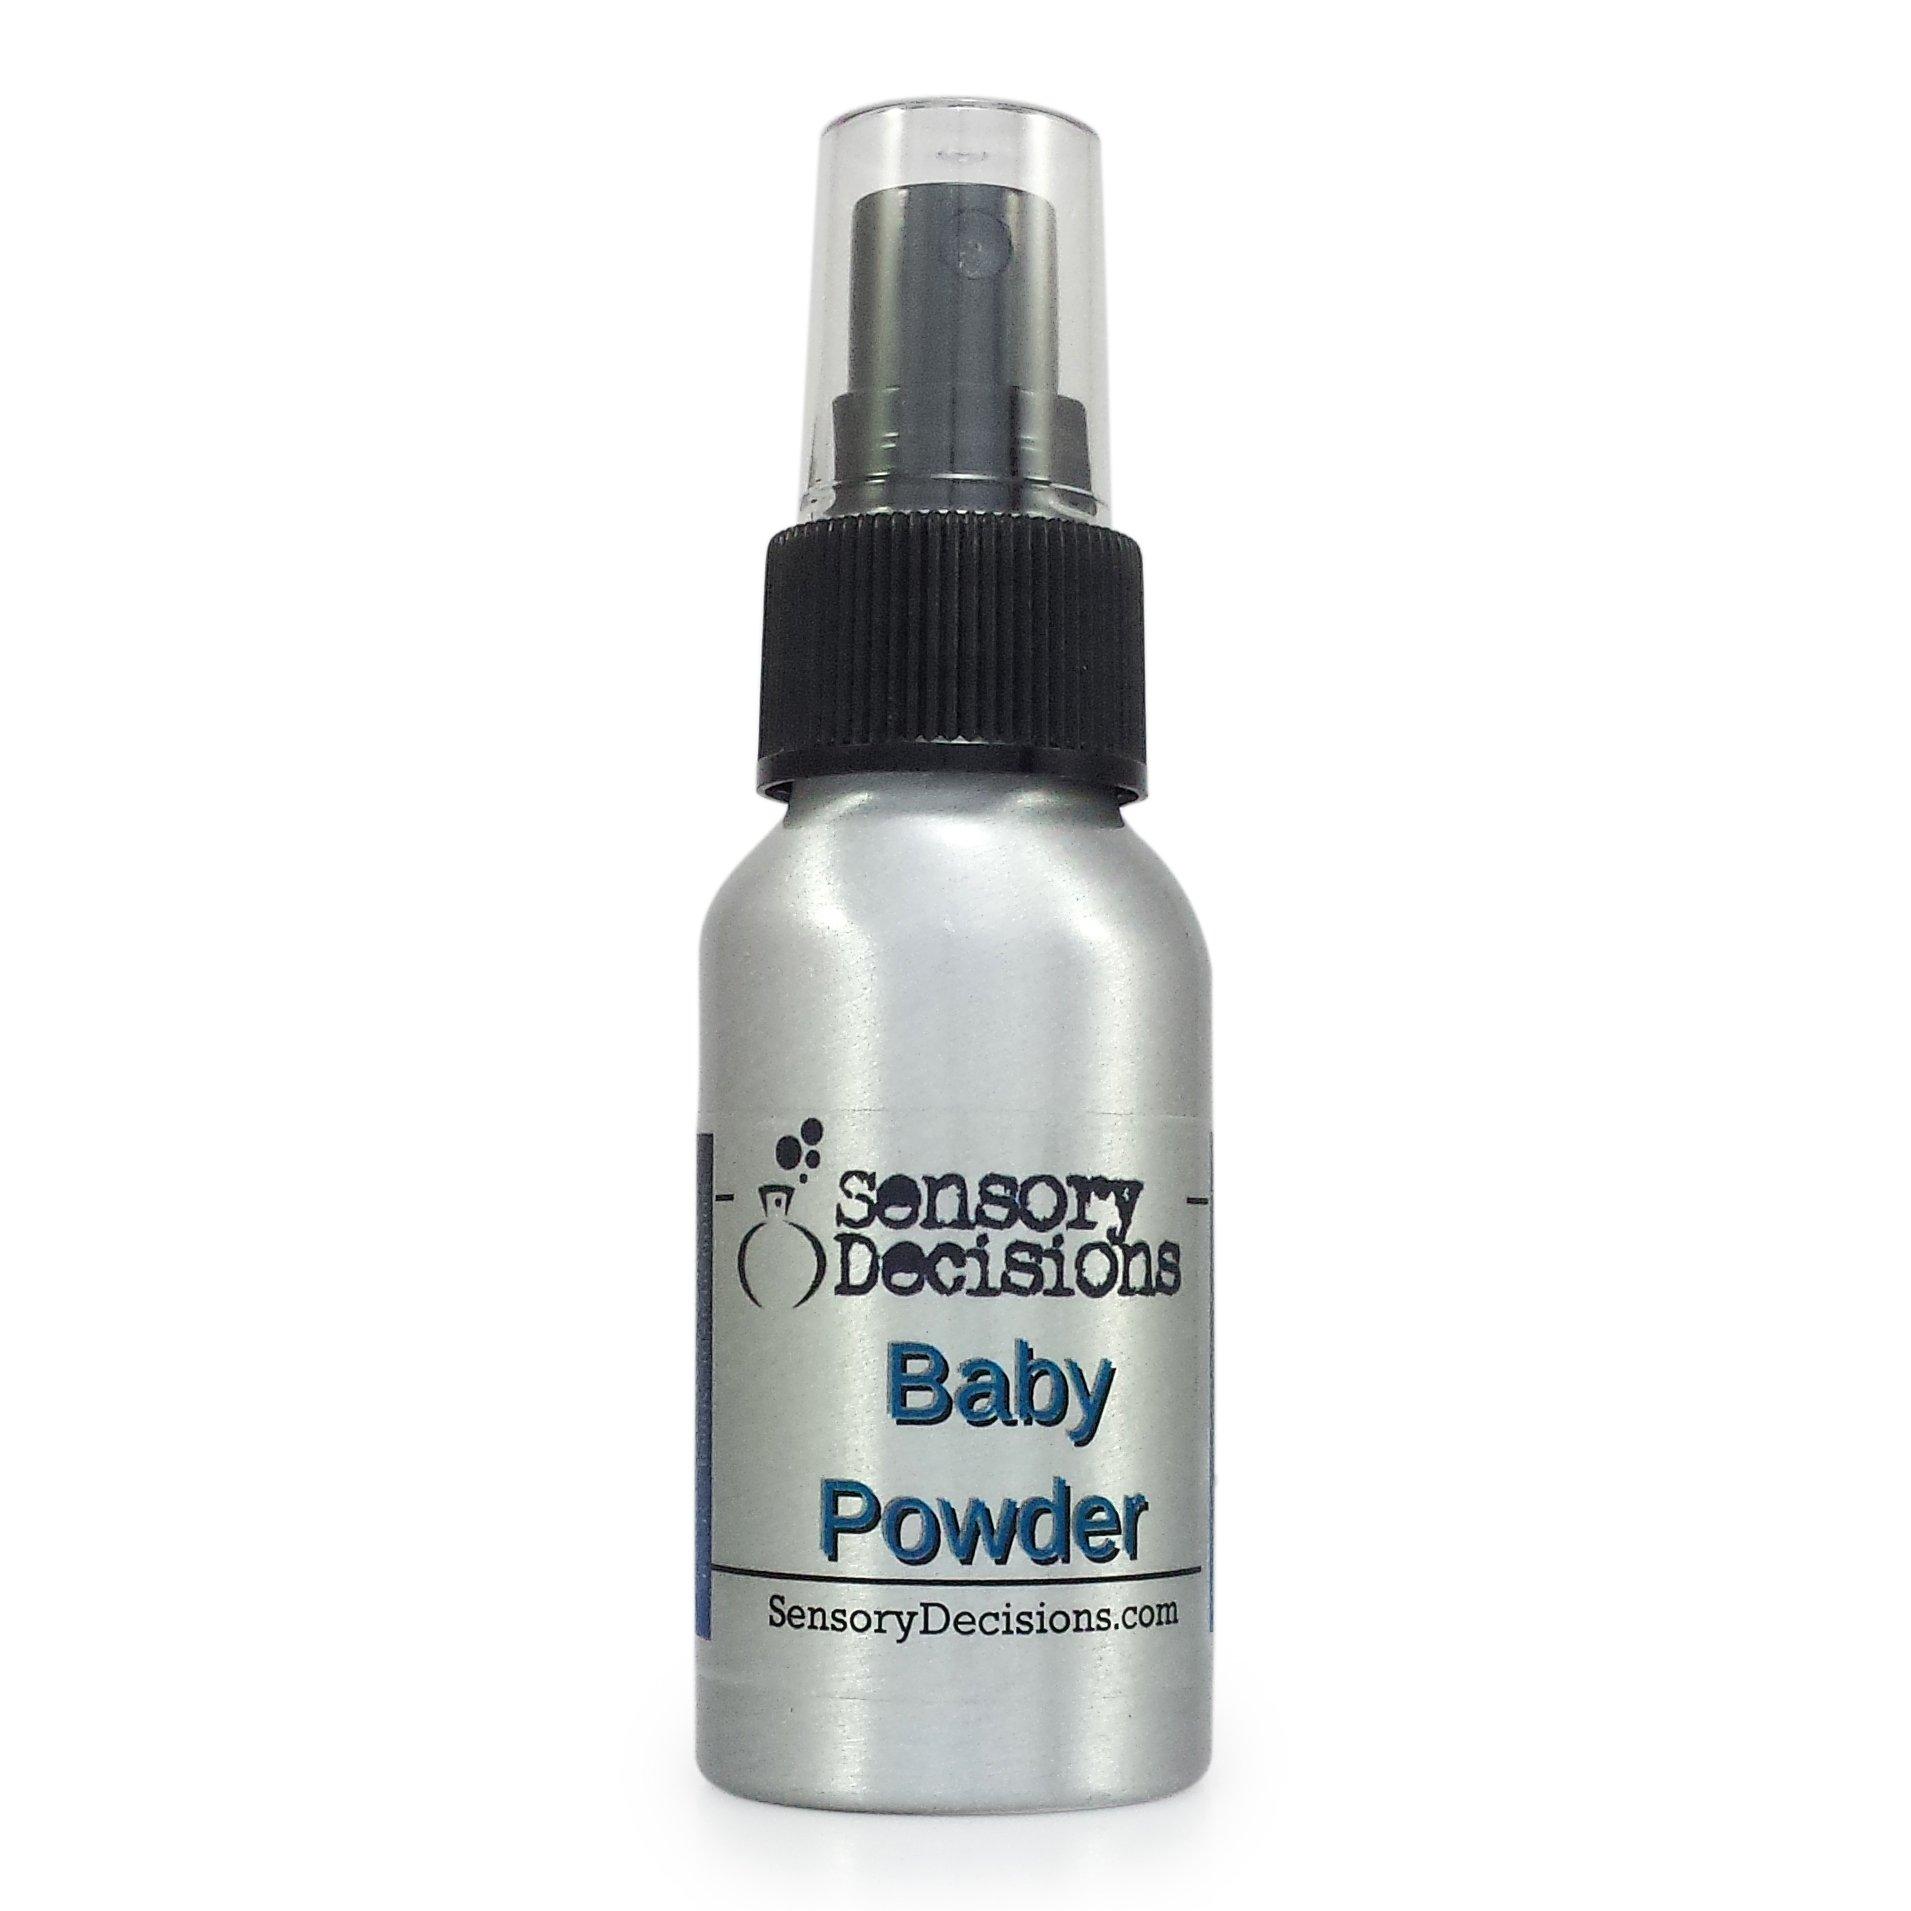 Hotel Fragrance - Hotel Room Spray - Hotel Scent Sprays (Baby Powder, 100 bottles)